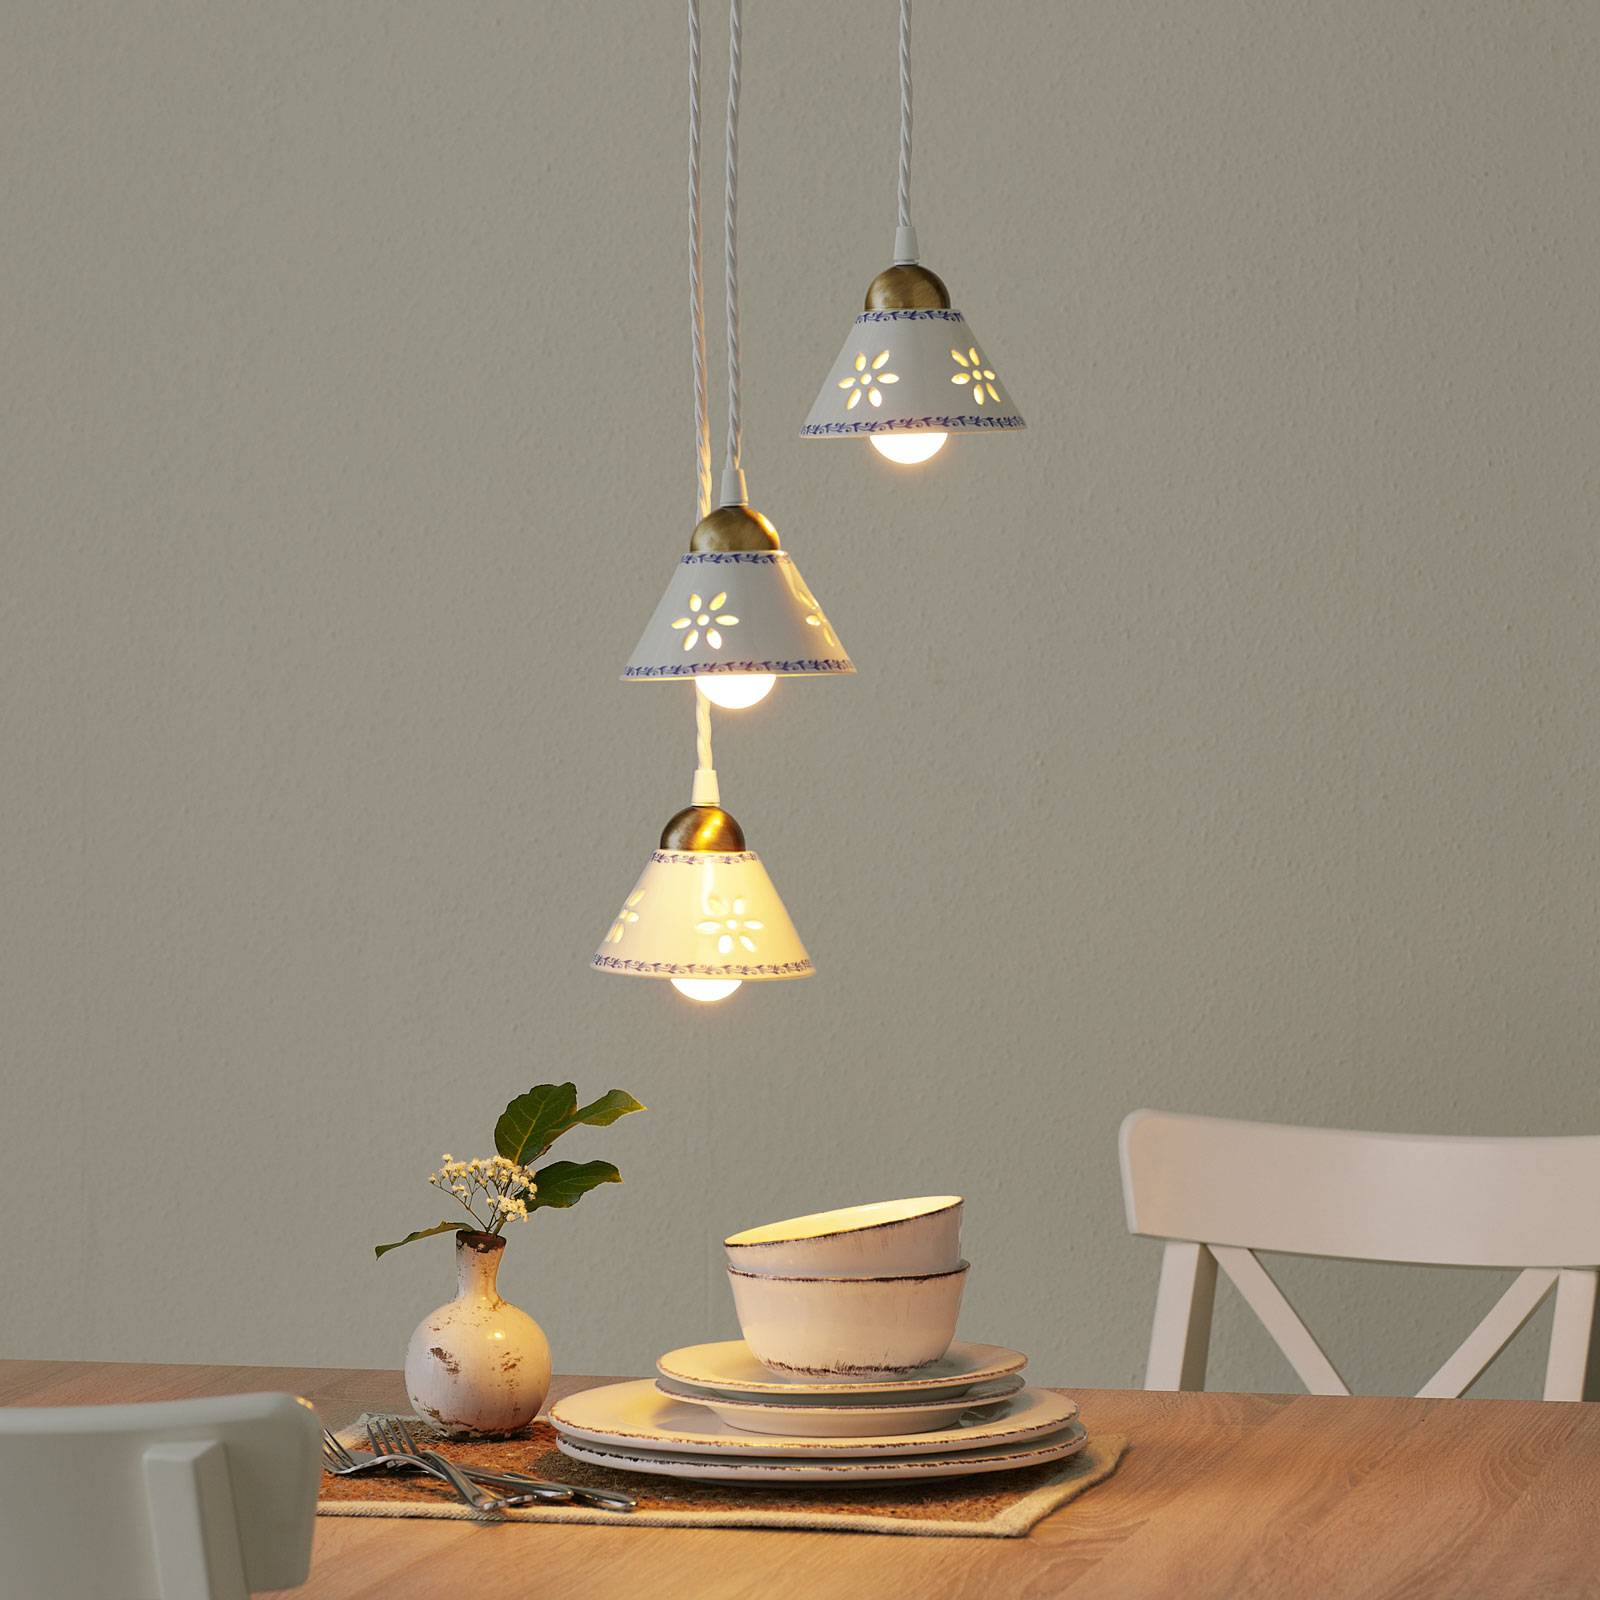 Hanglamp NONNA van wit keramiek, 3-lichts